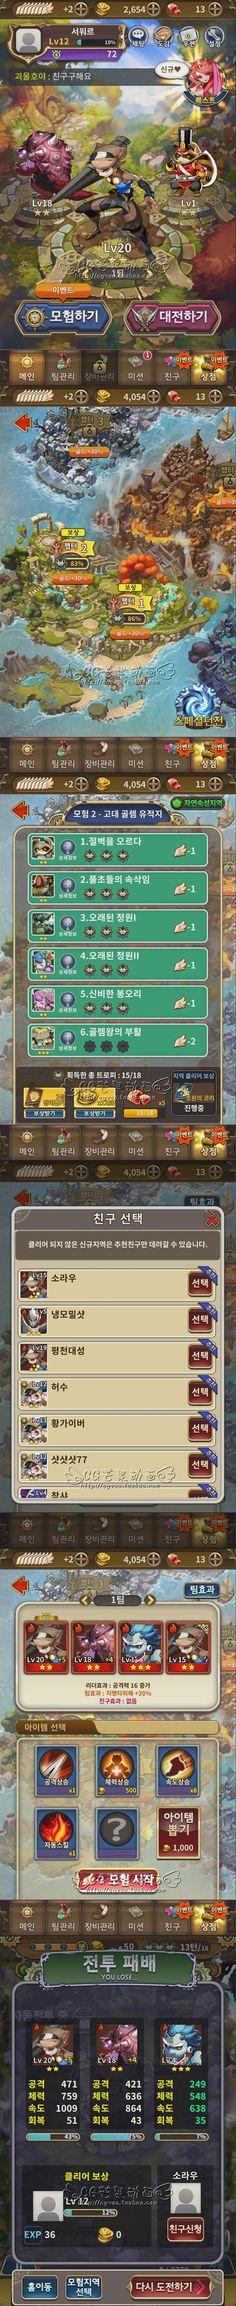 【游戏美术资源】韩国手游《旋风战将》UI素材/场景/icon图标/界面/音效